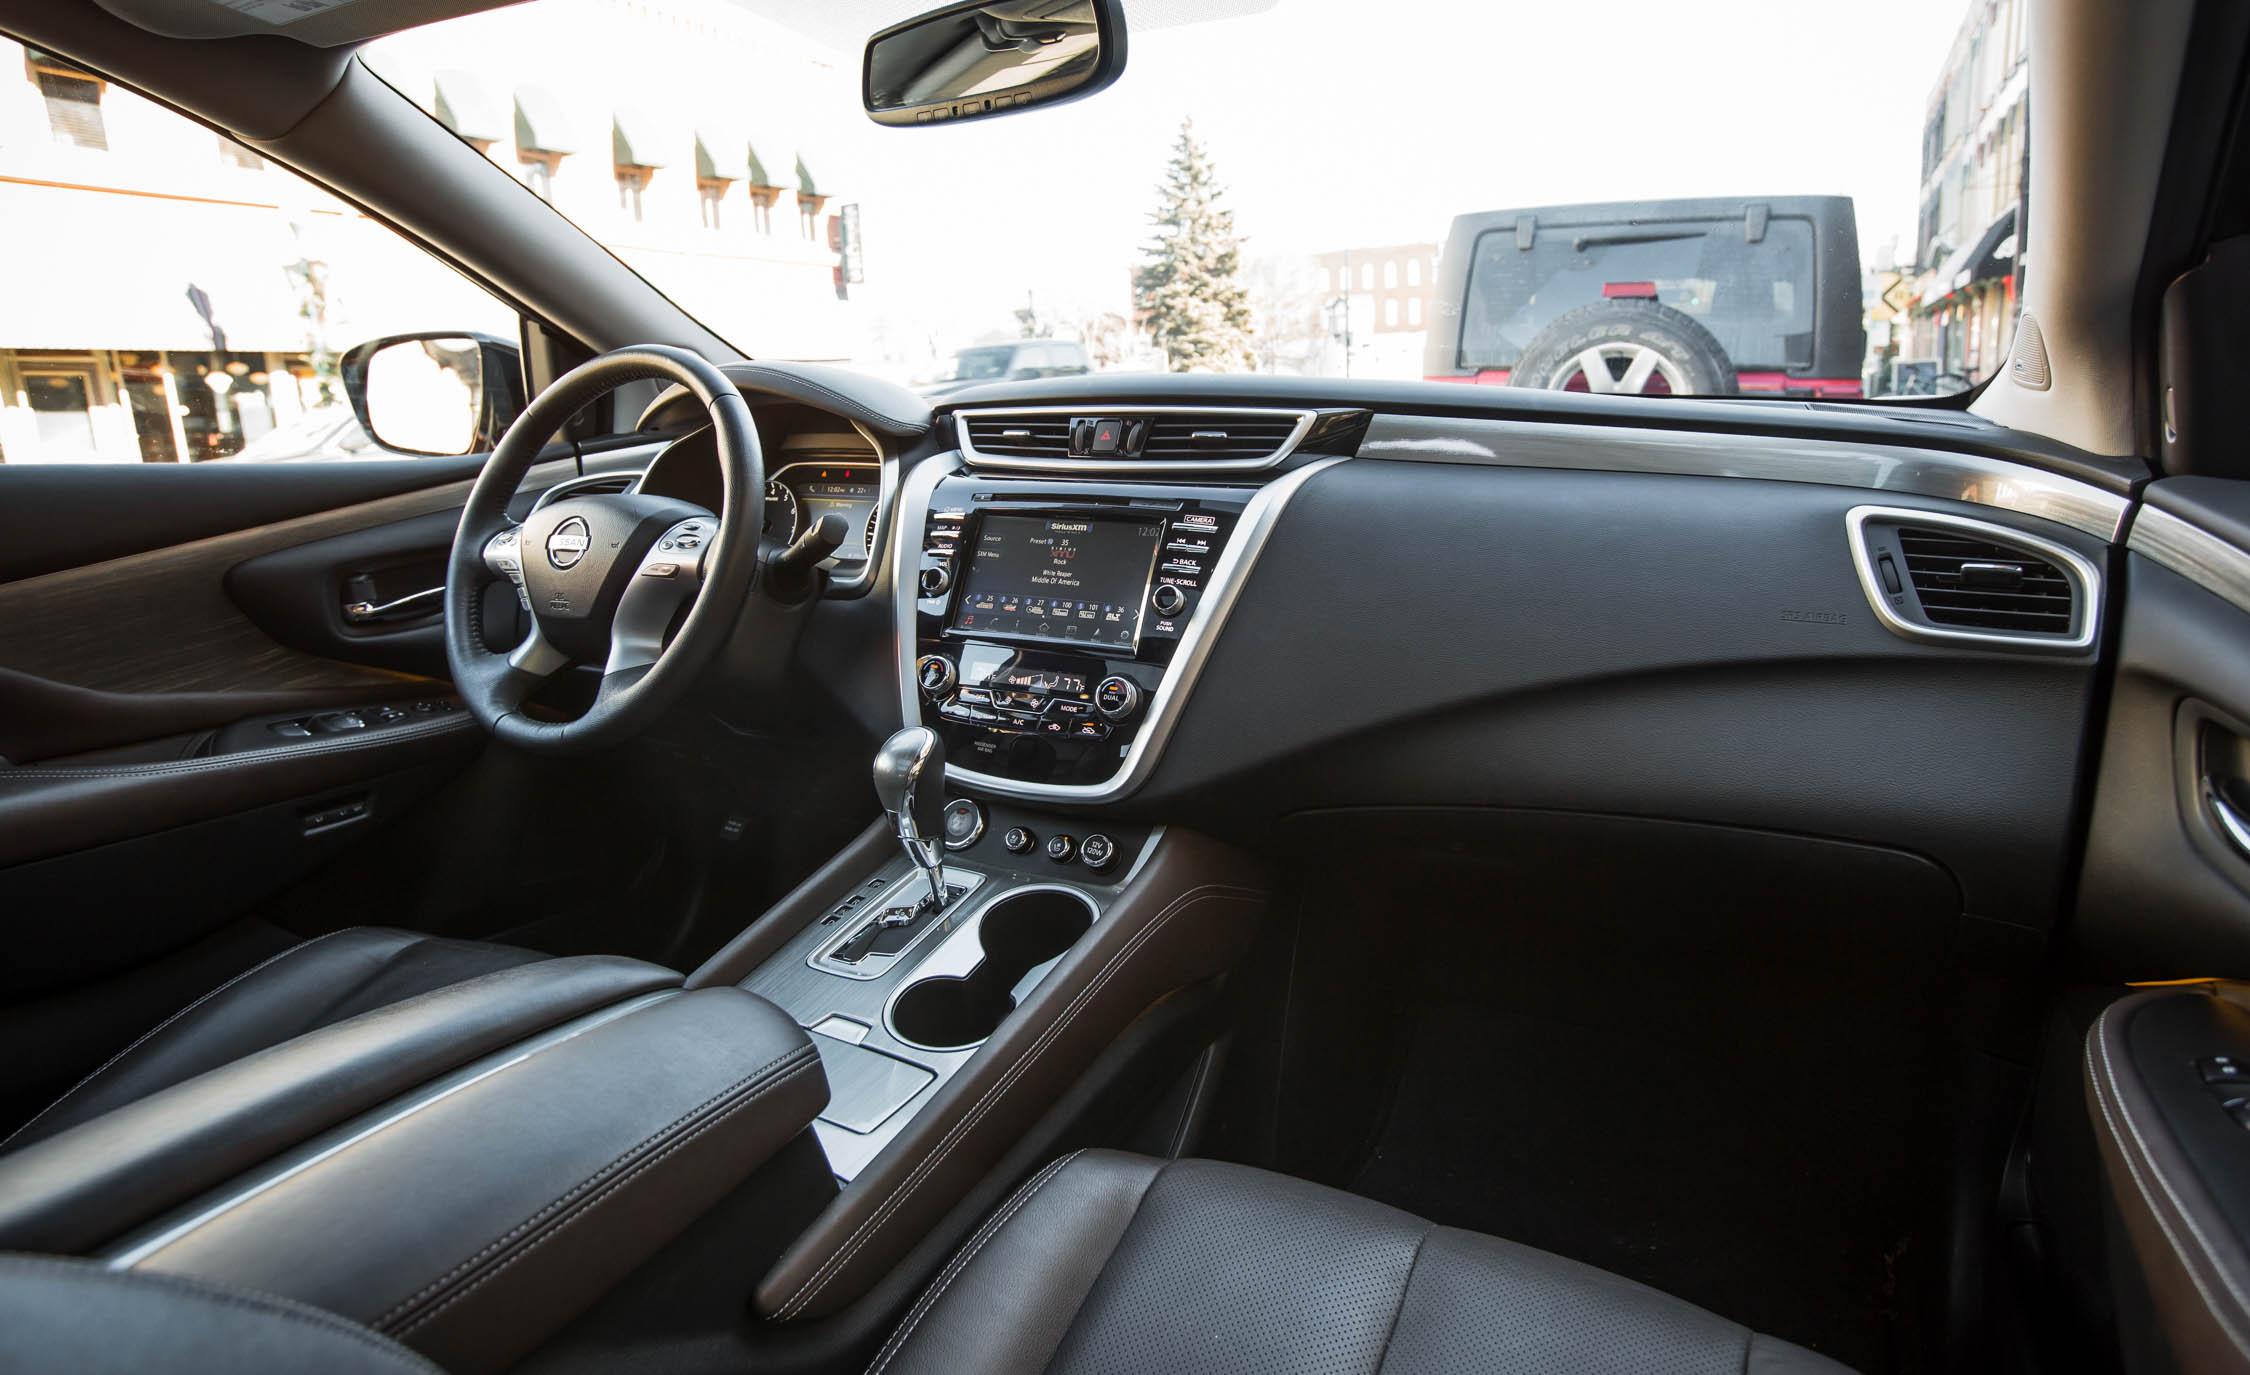 2015 Nissan Murano Platinum AWD (Photo 4 of 27)